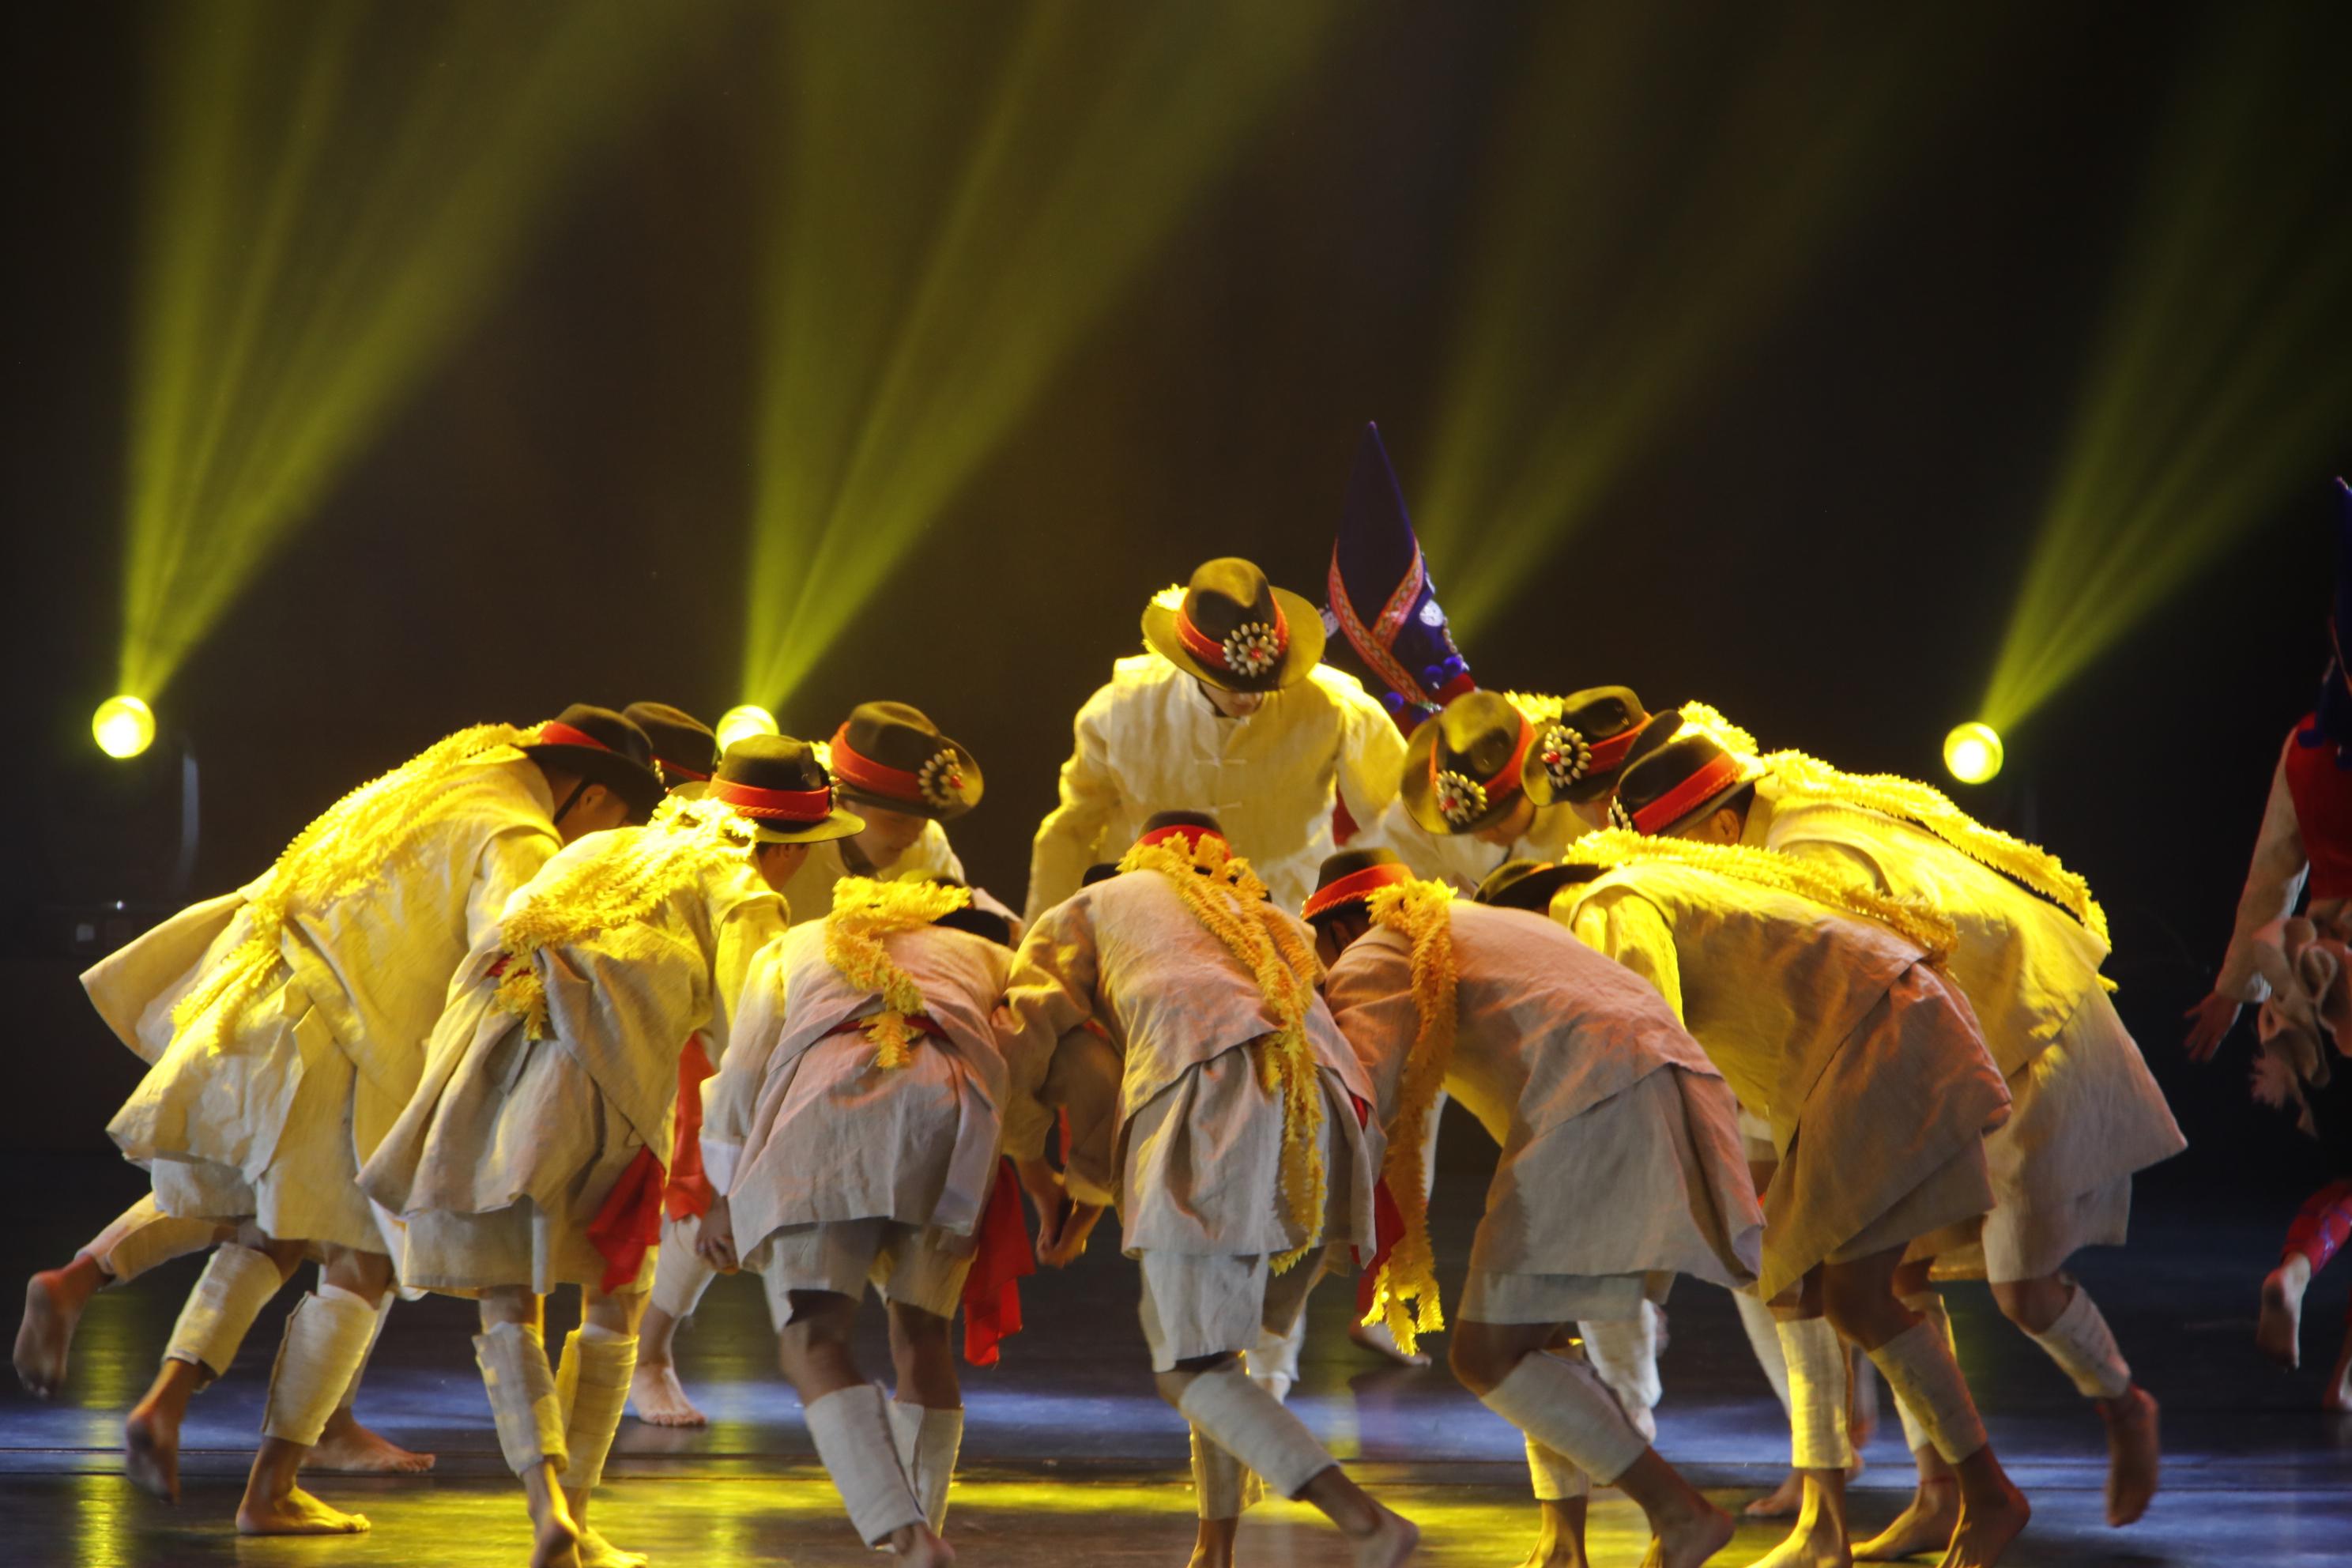 迪庆香格里拉机场通航20周年迎宾晚会精彩纷呈